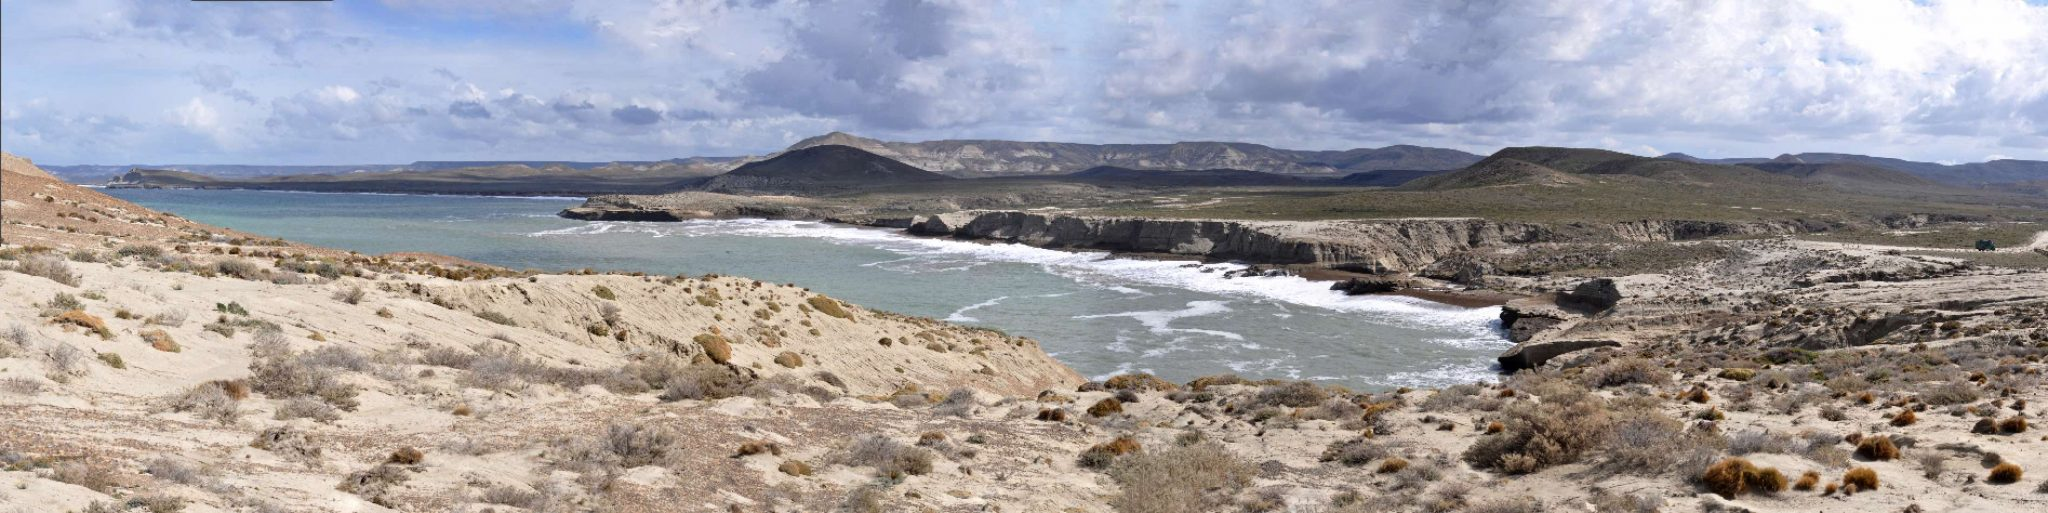 Pinguin Bucht